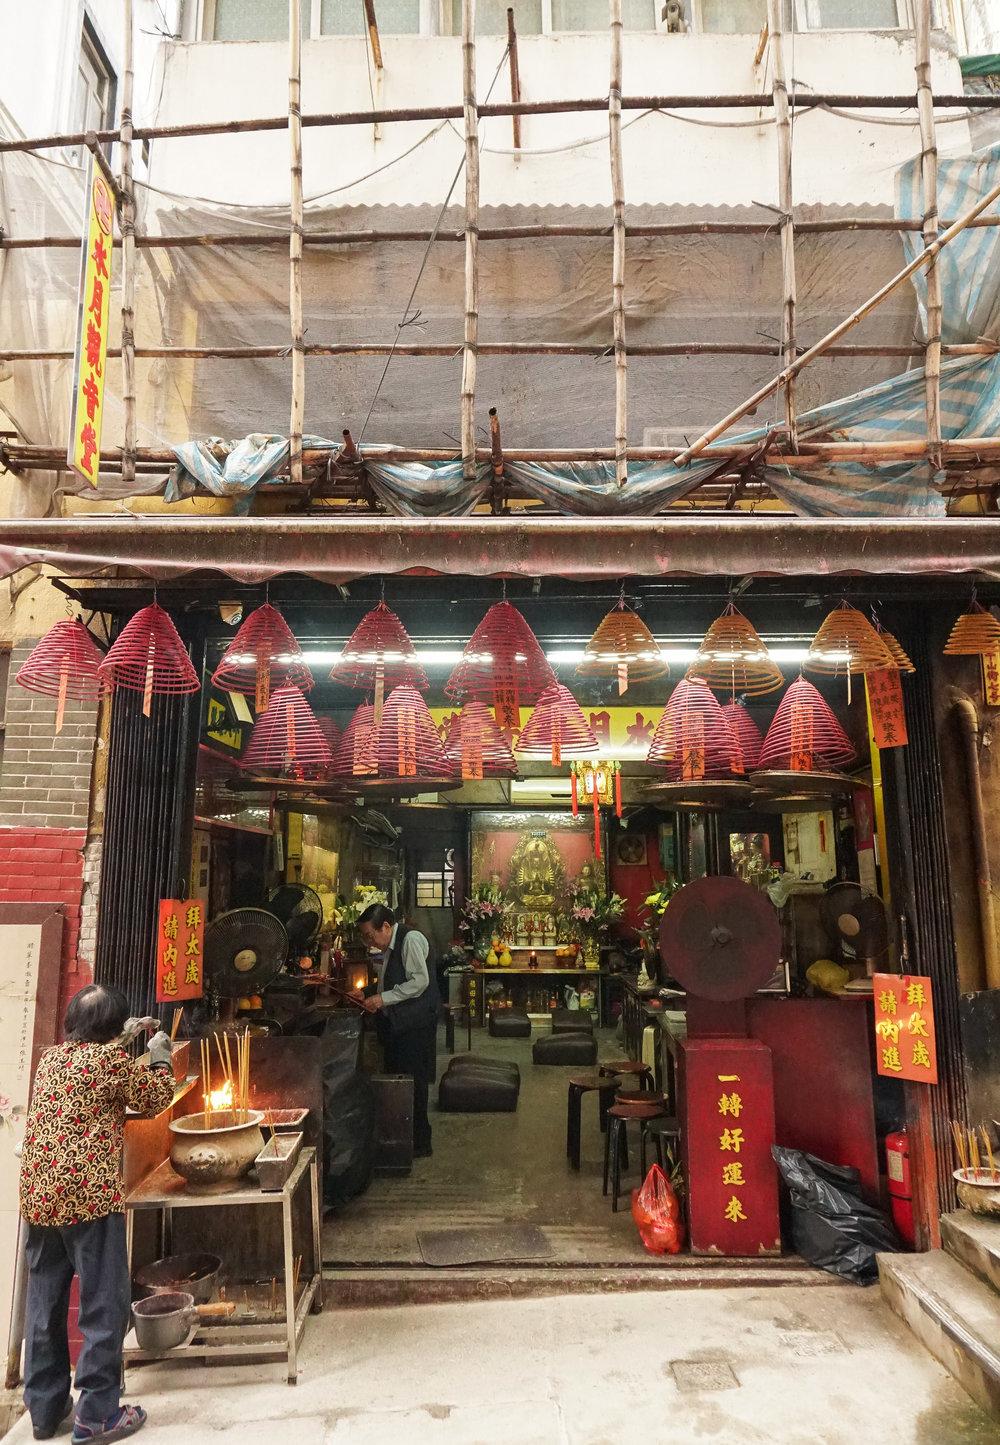 curio.trips.hong.kong.pink.orange.incense.shop.couple.portrait.jpg